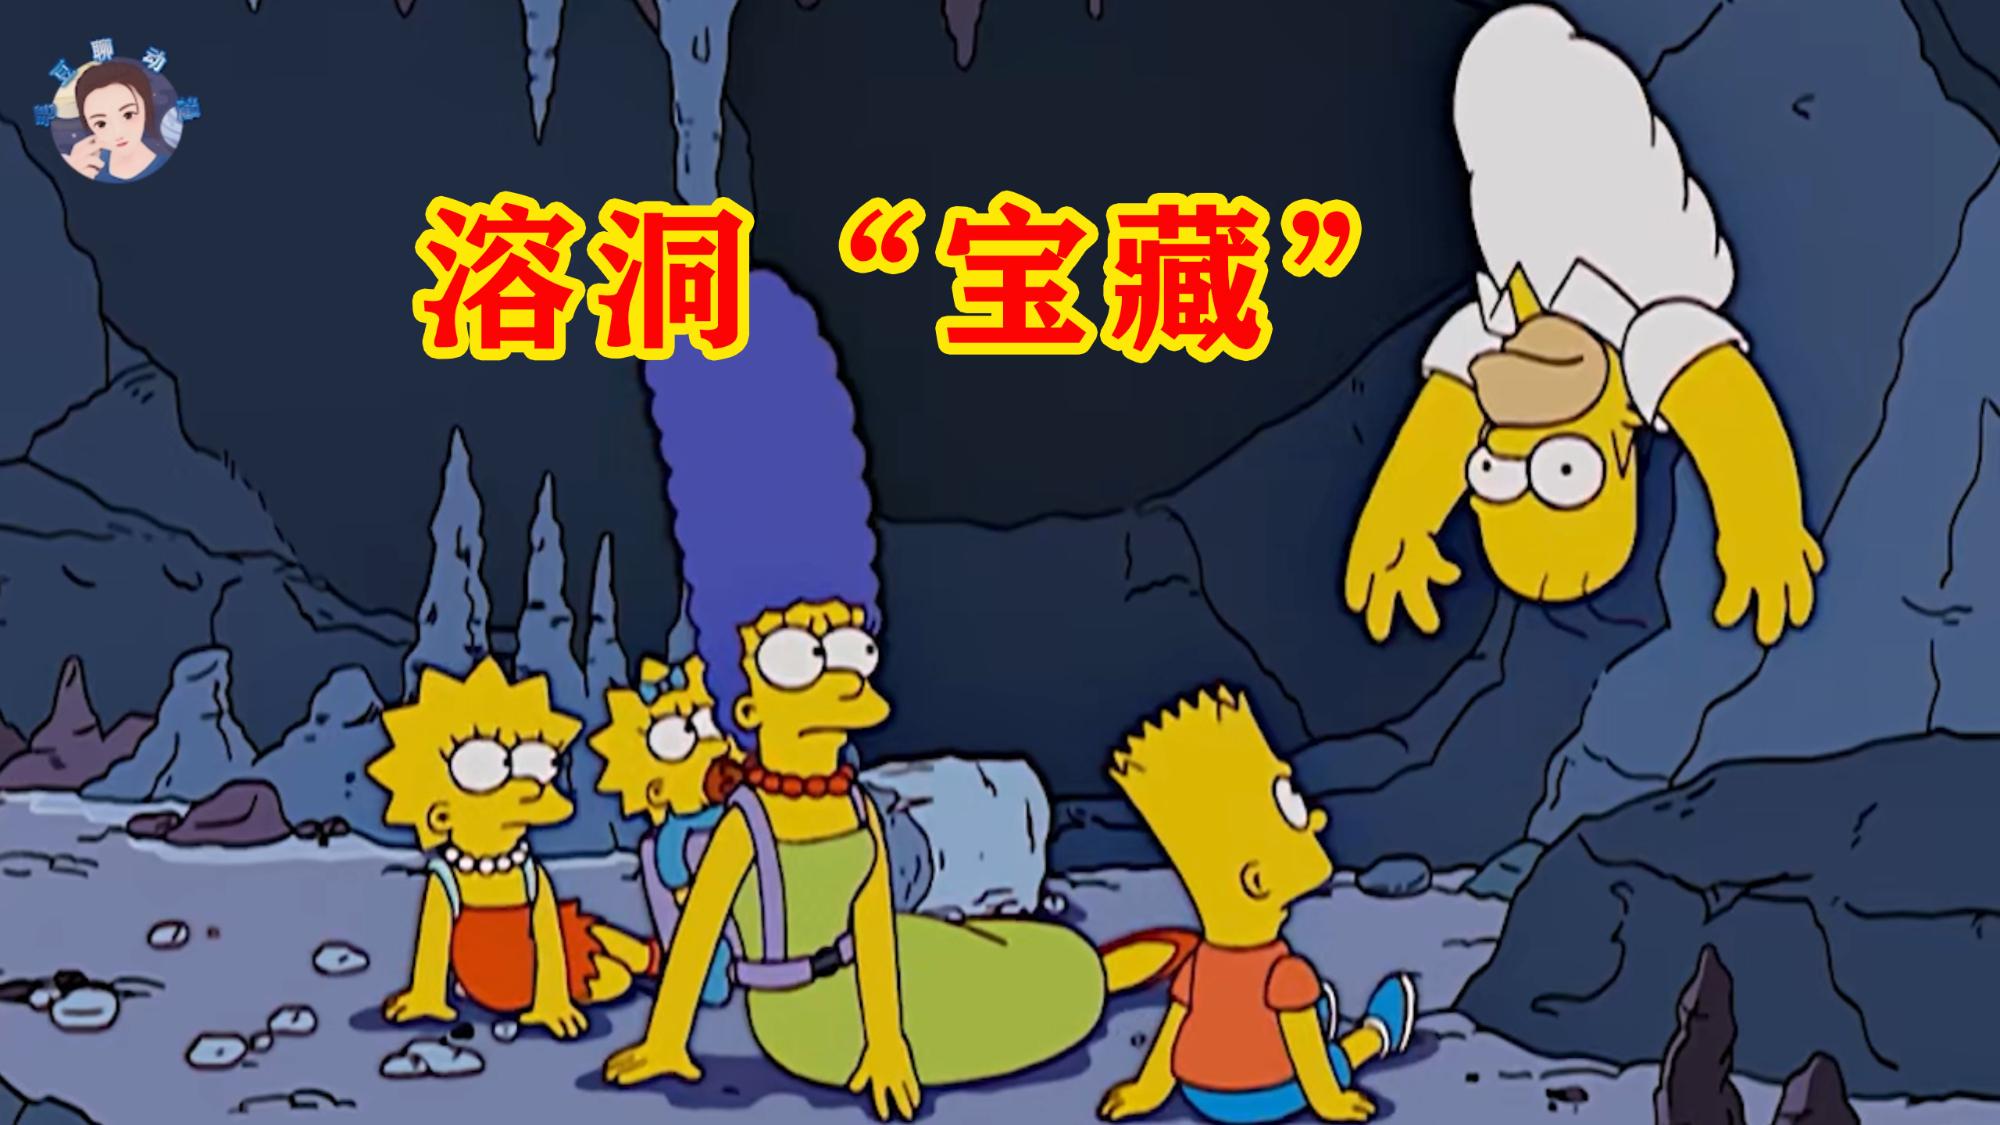 """【毛豆】富豪打赌""""倾家荡产"""",学者被盗""""报复社会""""《辛普森一家》"""